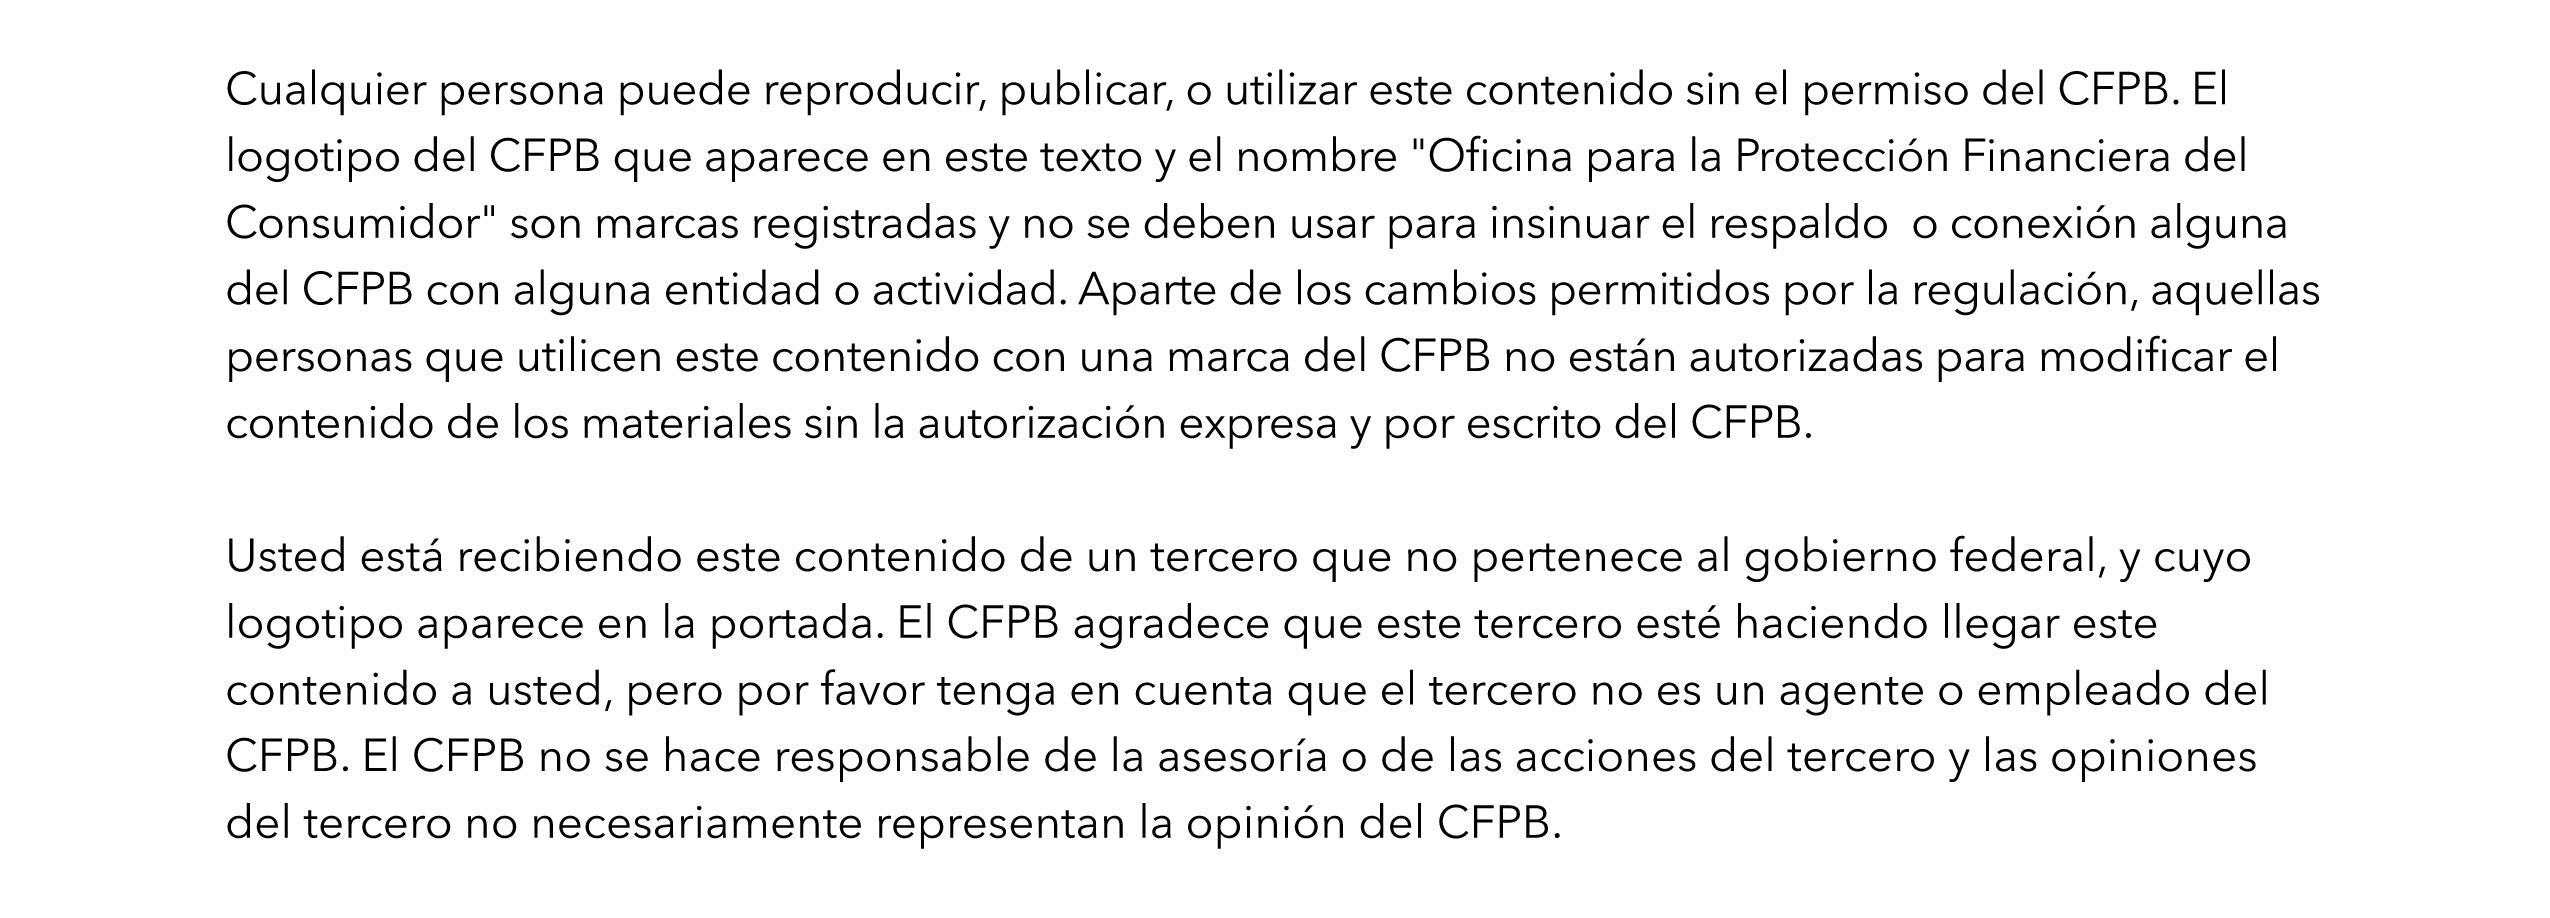 spanish disclaimer